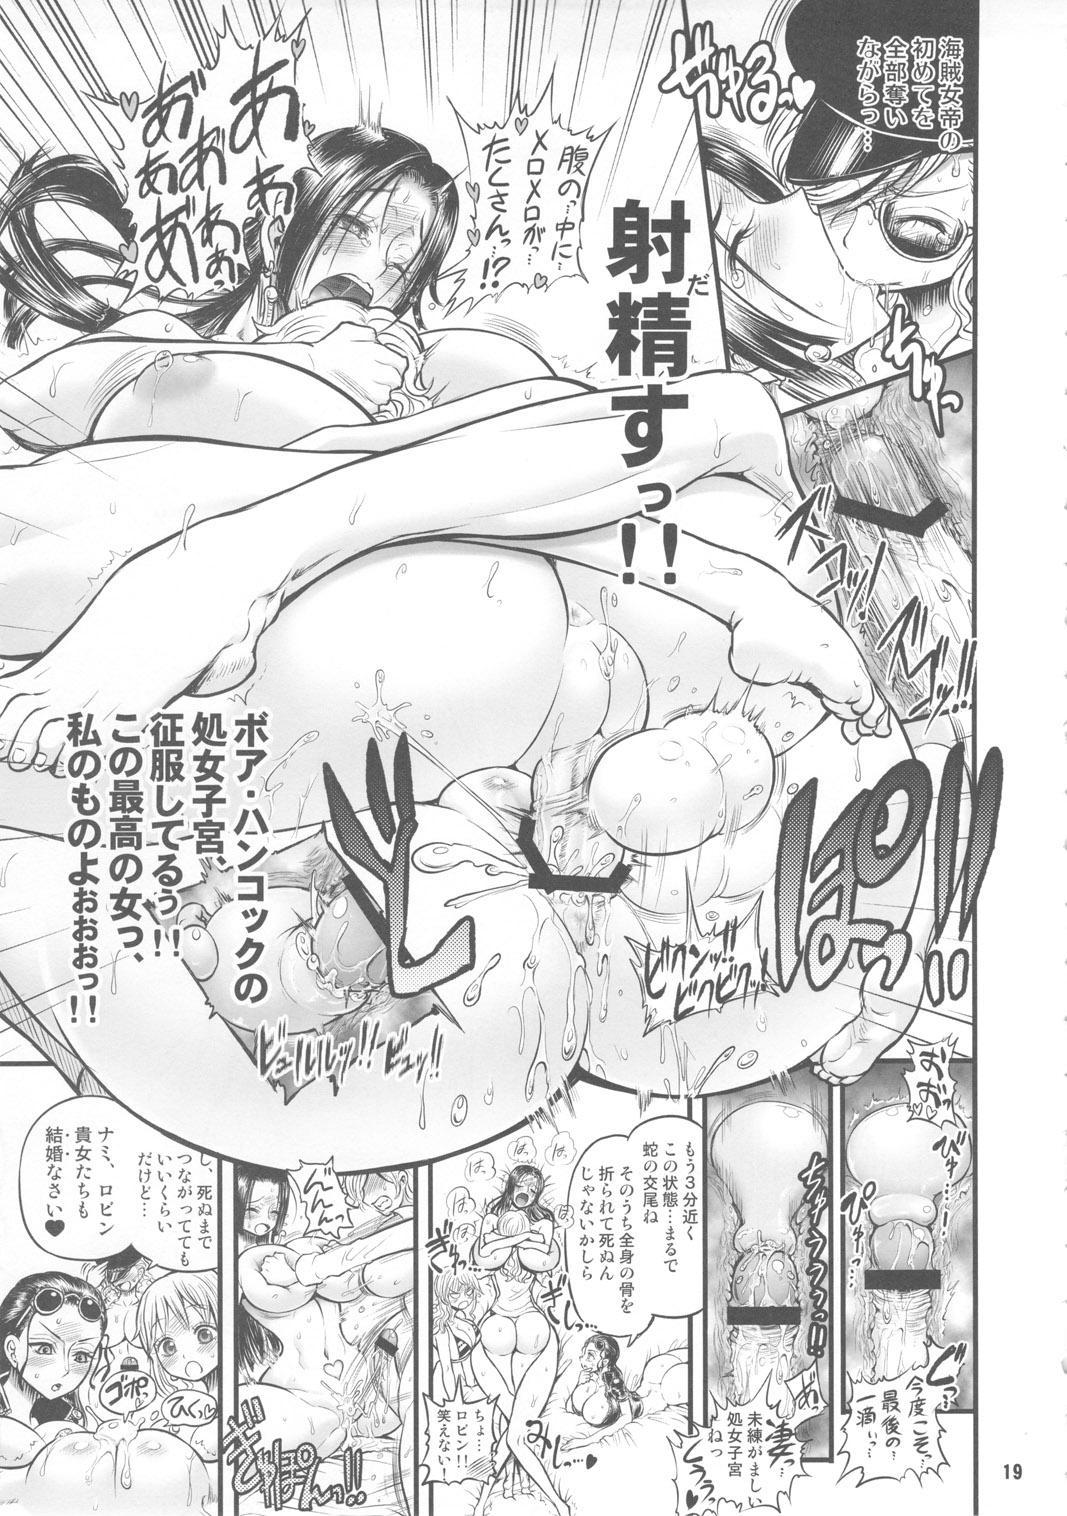 Midarezaki Kaizoku Jotei 17